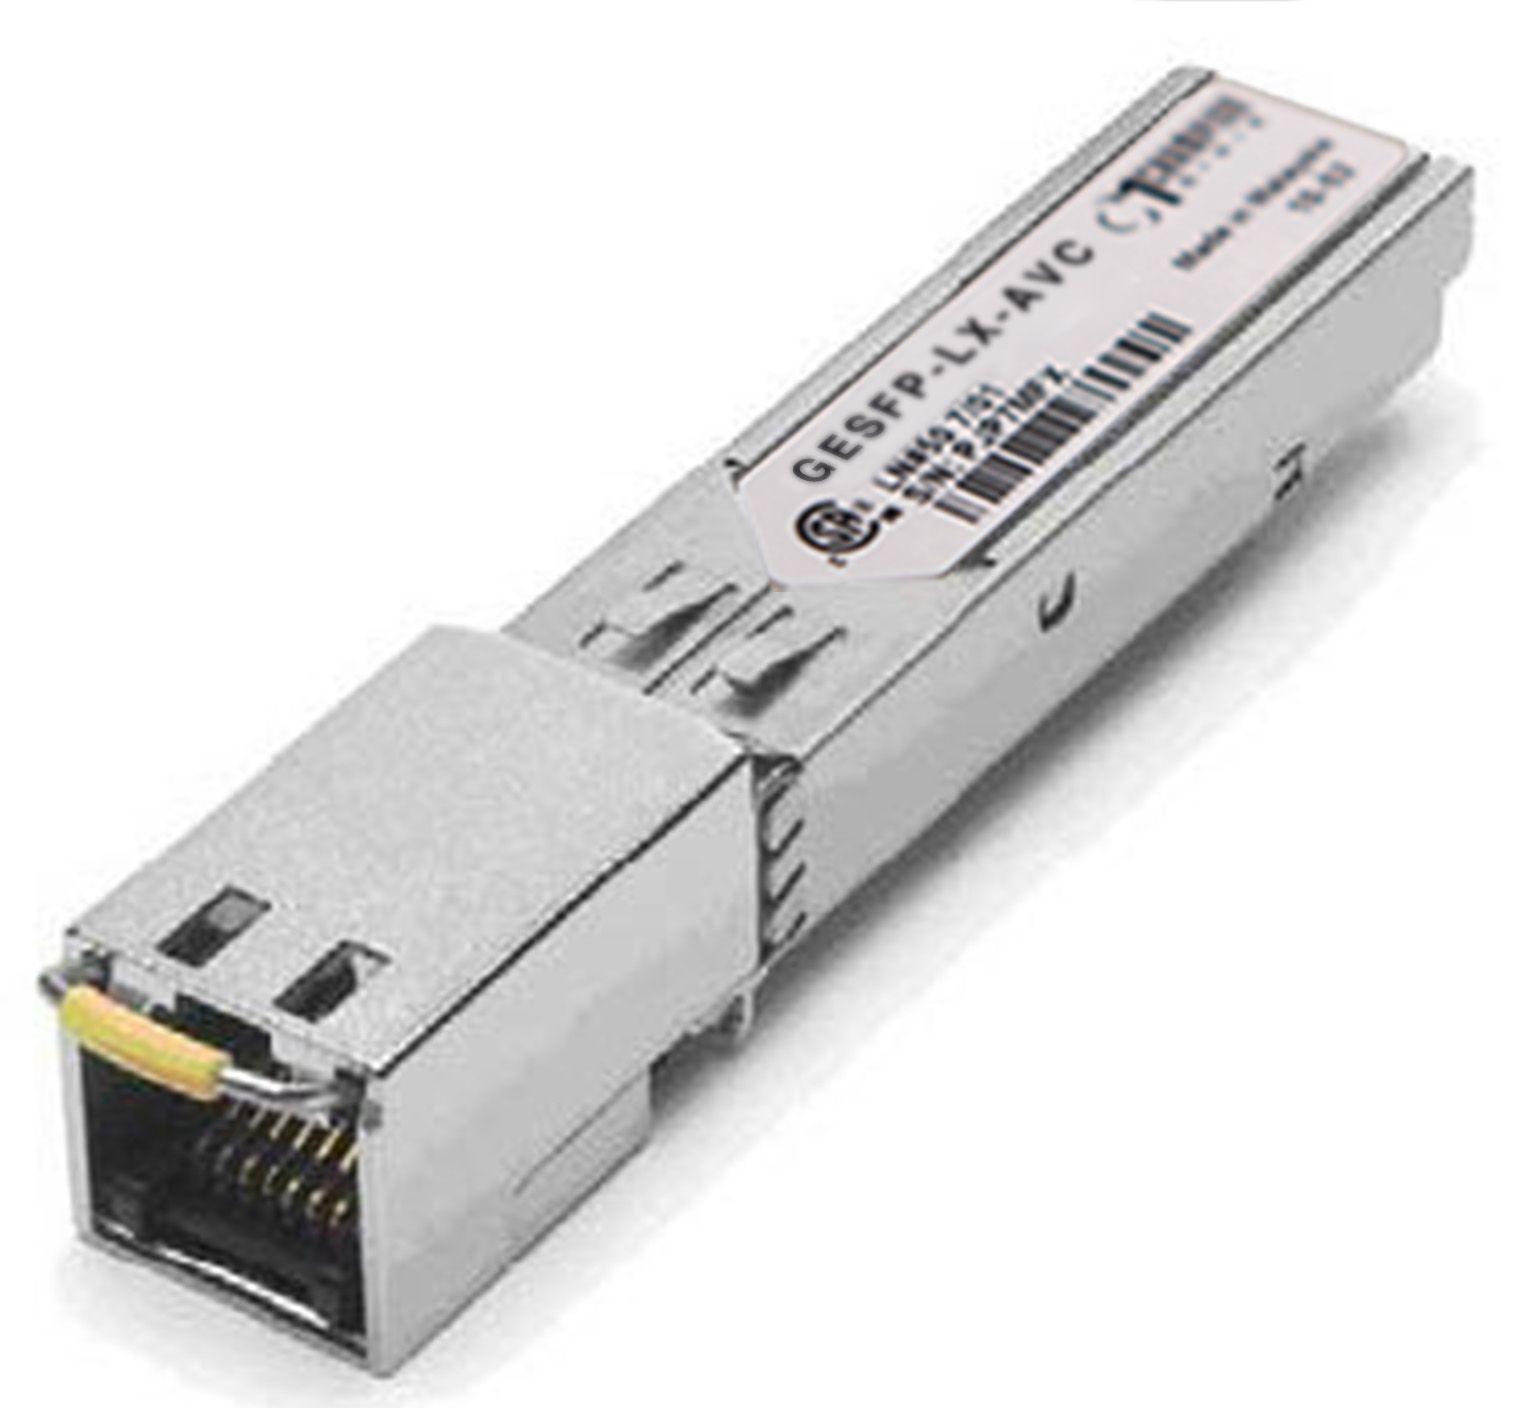 SFP 1000Base-LX 10km Transceiver, Avaya compatible 108873258